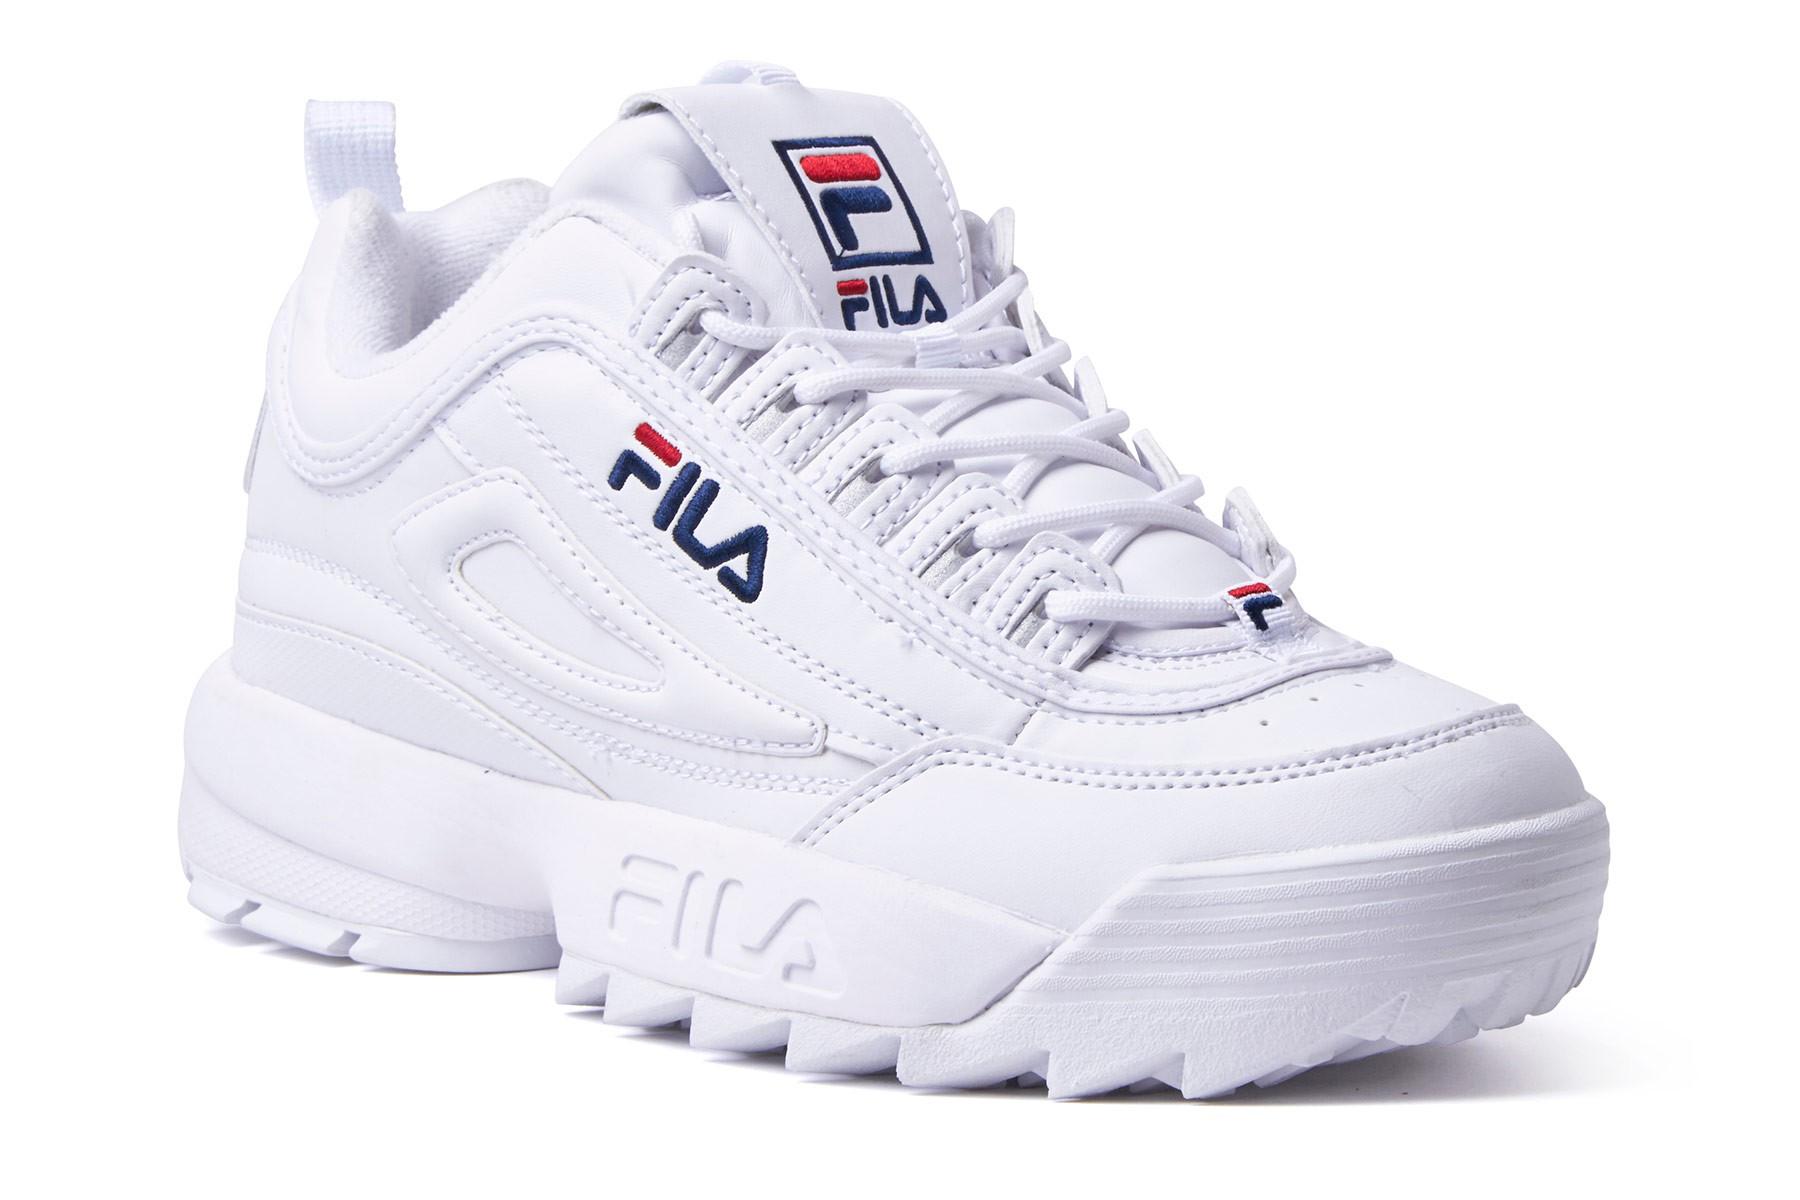 """giay the thao ugly sneakers fila disruptor elle man - 9 thiết kế giày thể thao """"Xấu Lạ"""" đáng chú ý nhất hiện nay"""